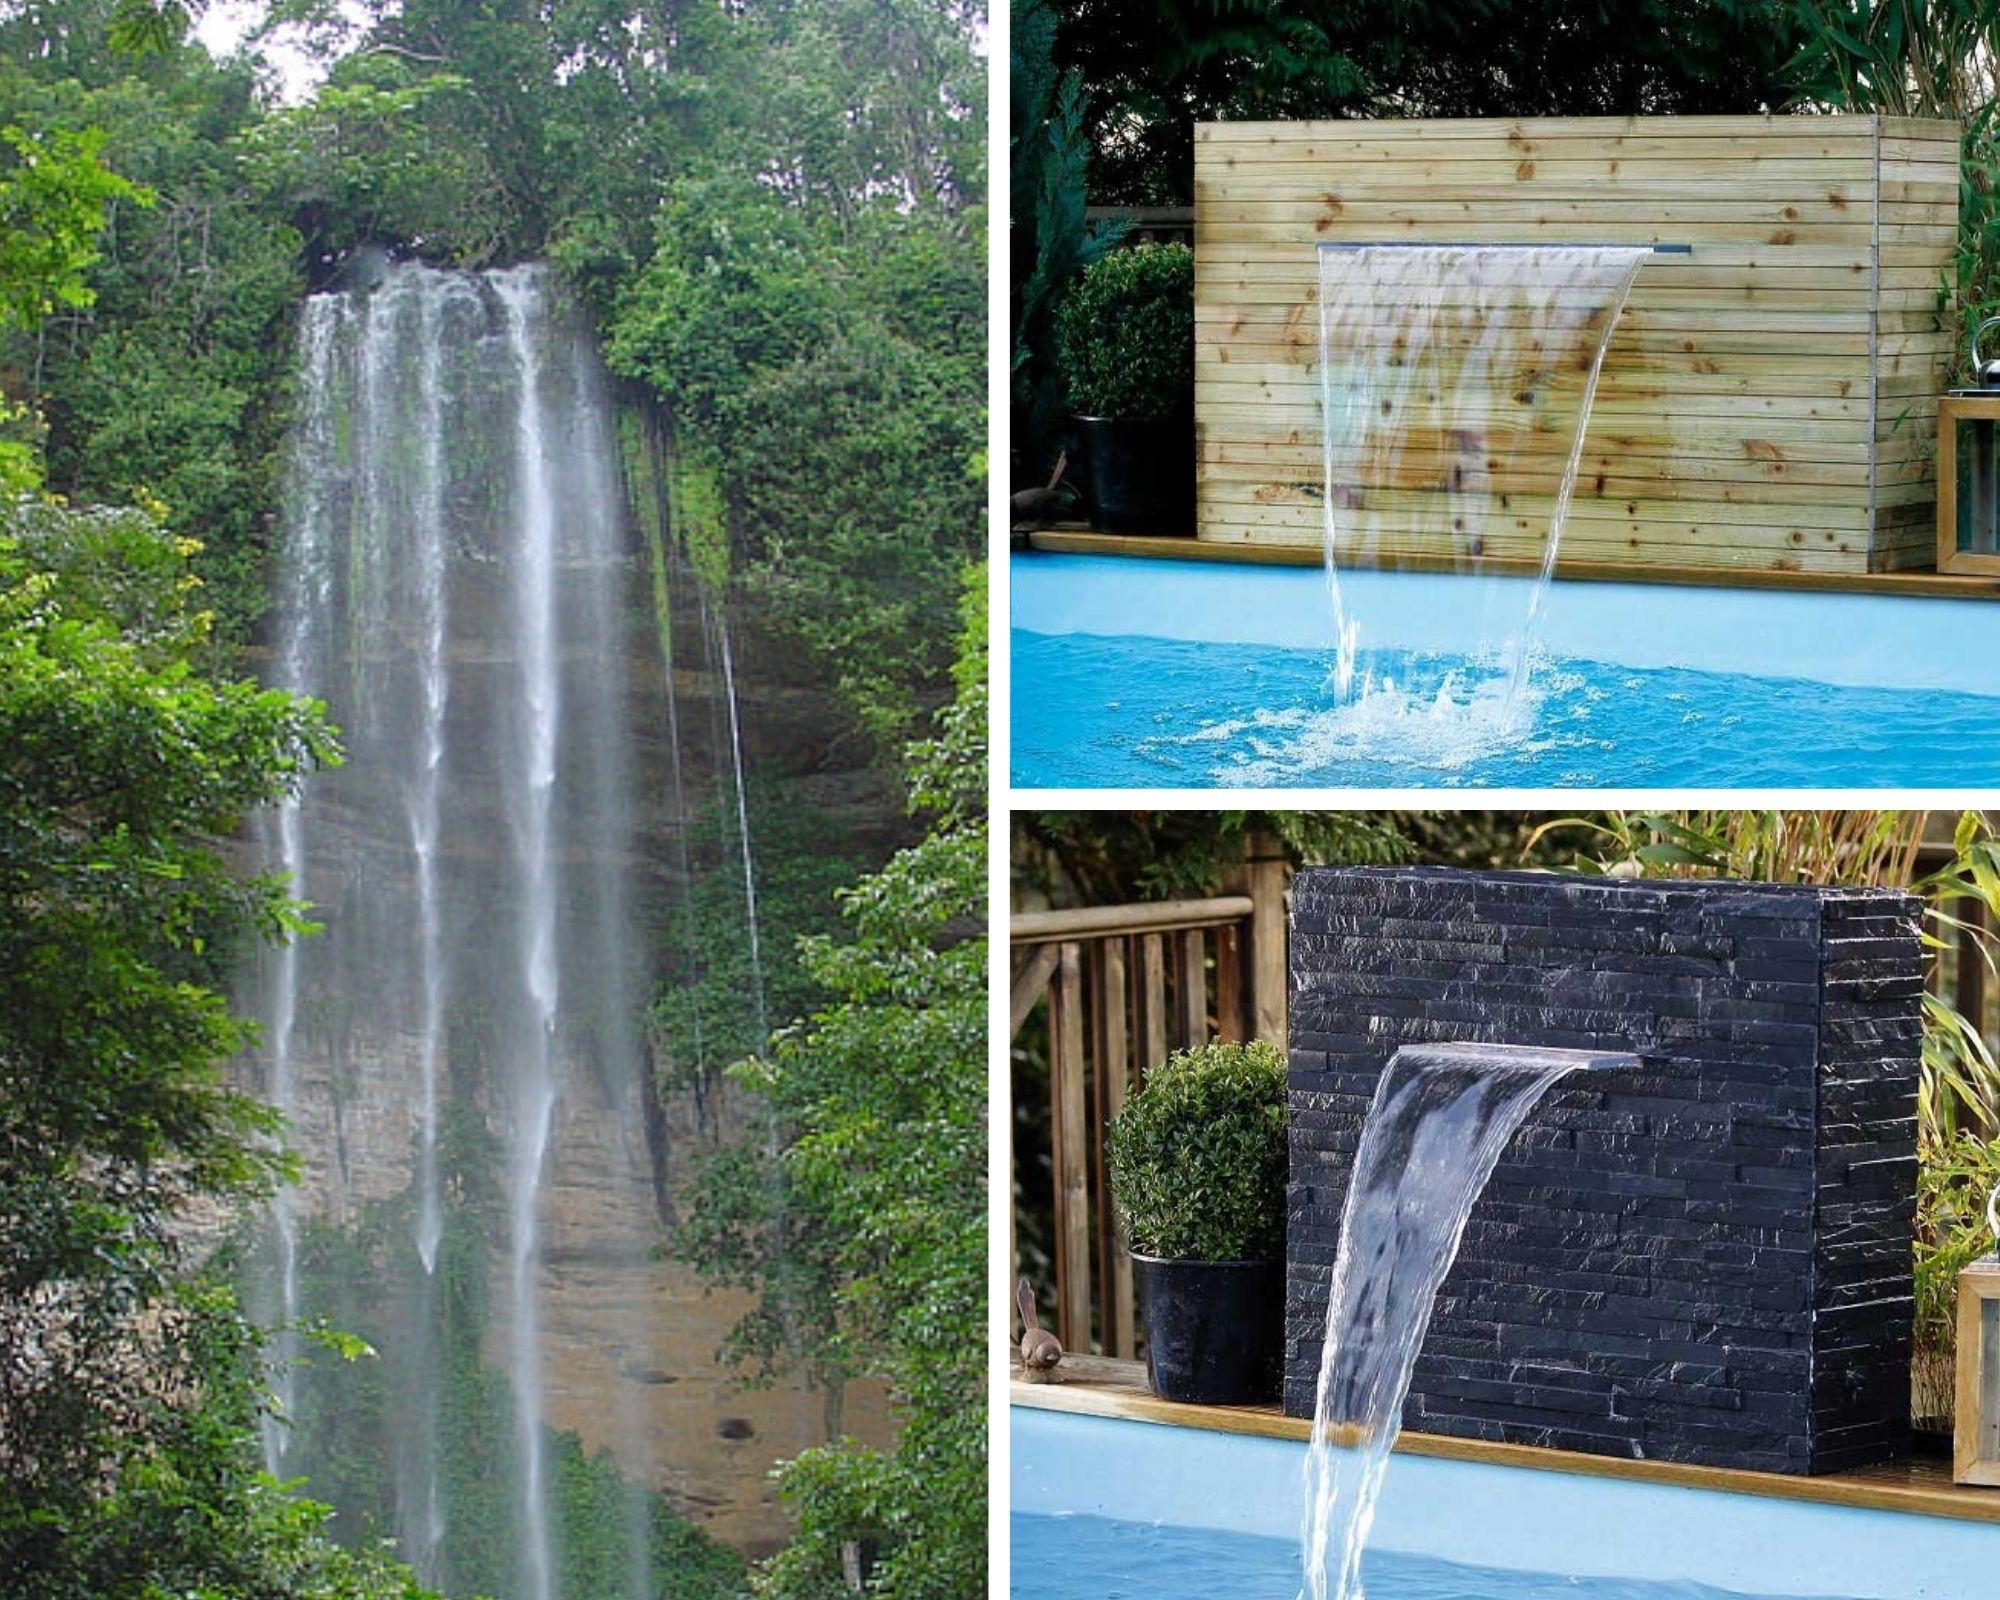 Cascades pour piscine Ubbink Niagara